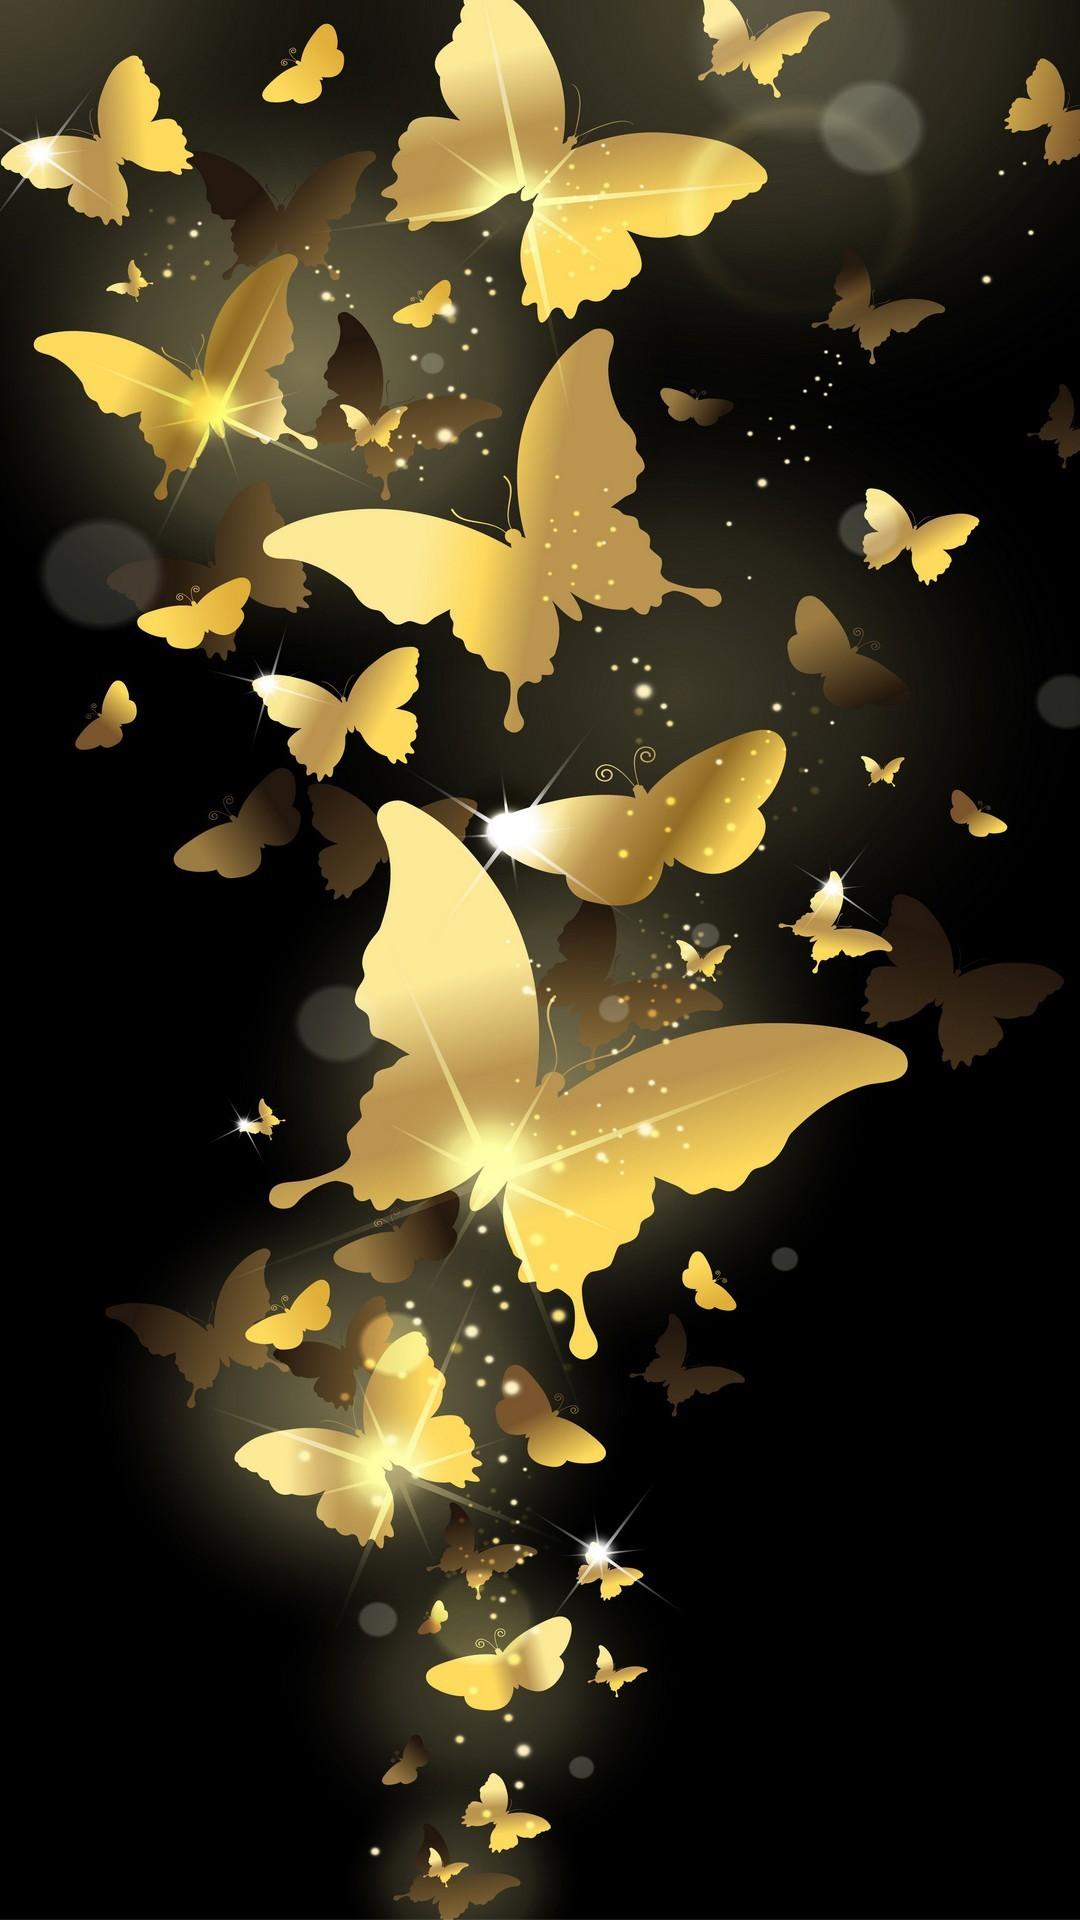 1080x1920 Flying Golden Butterflies Lockscreen IPhone 6 Plus HD Wallpaper